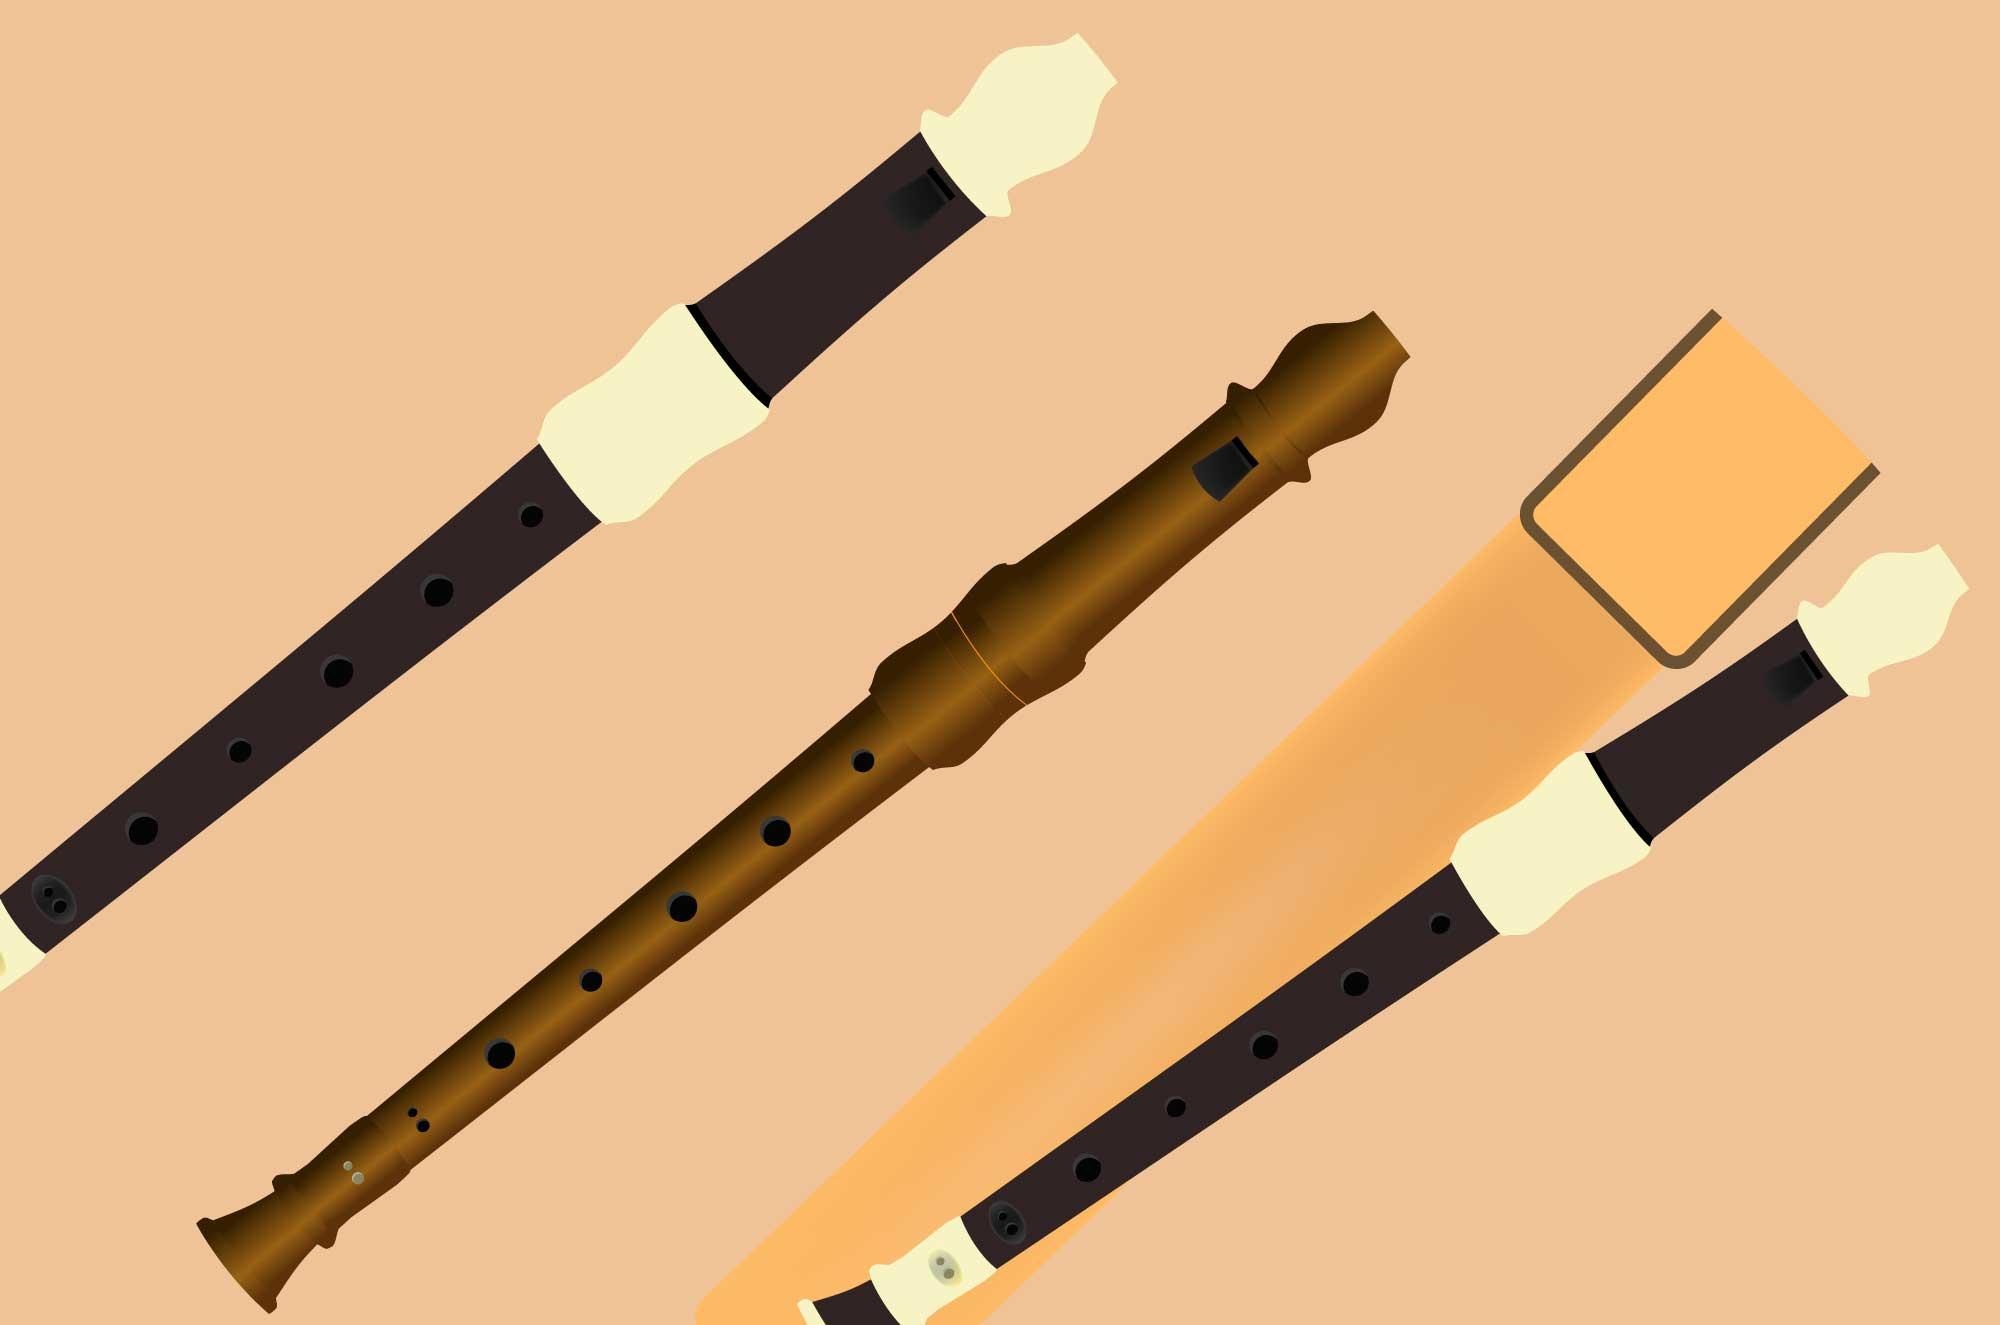 リコーダーの無料イラスト - 学校の縦笛の楽器素材